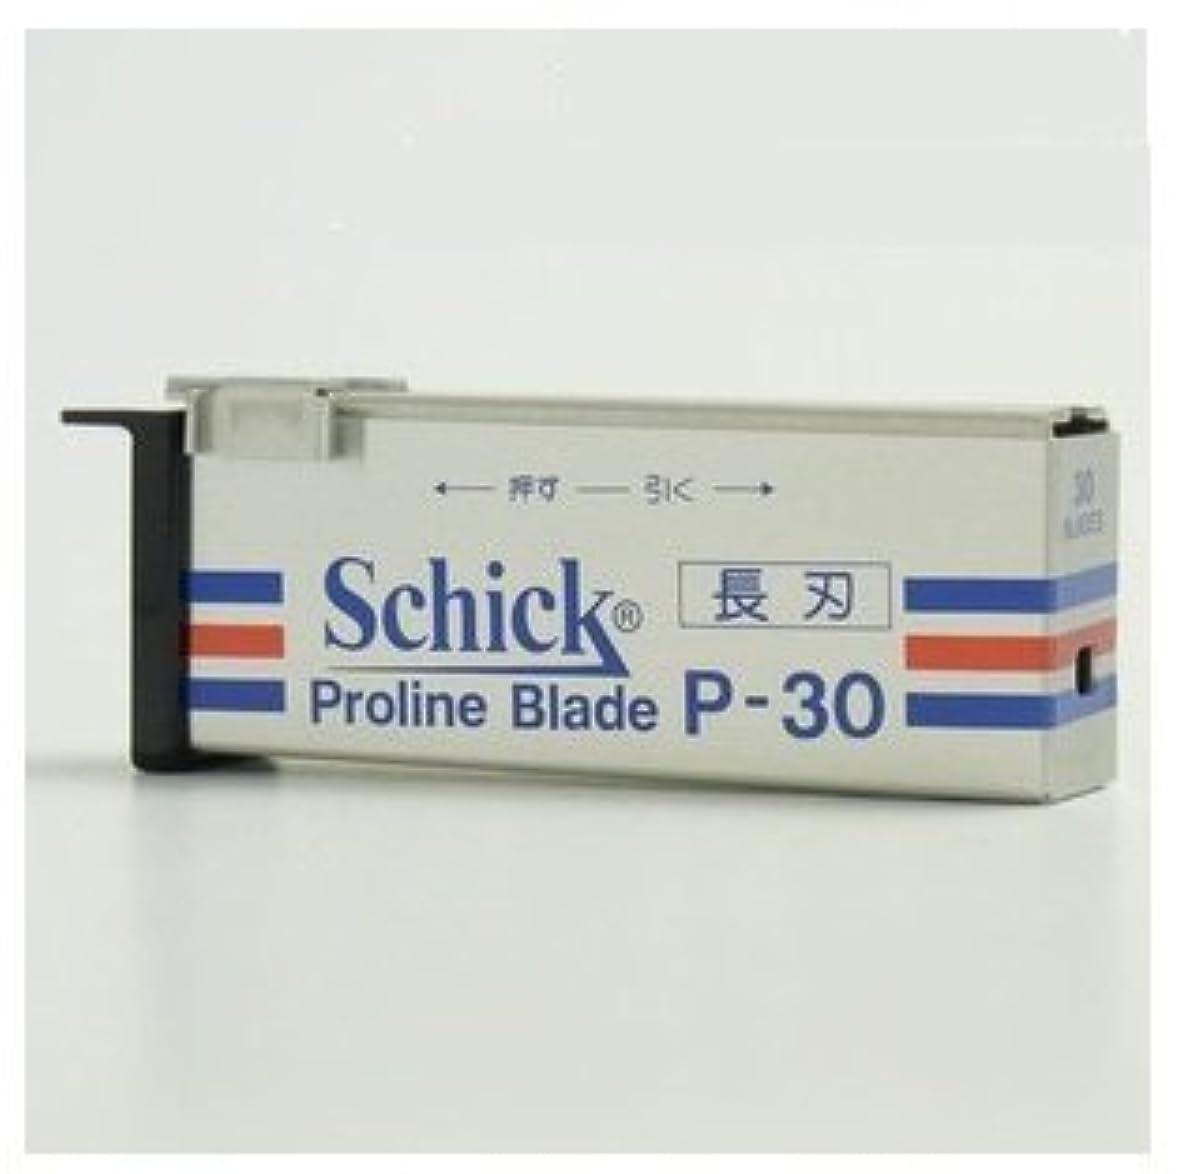 サミットロケット大理石シック プロラインブレード P-30 業務用替刃<長刃> 30枚入 【お得なx10個セット】